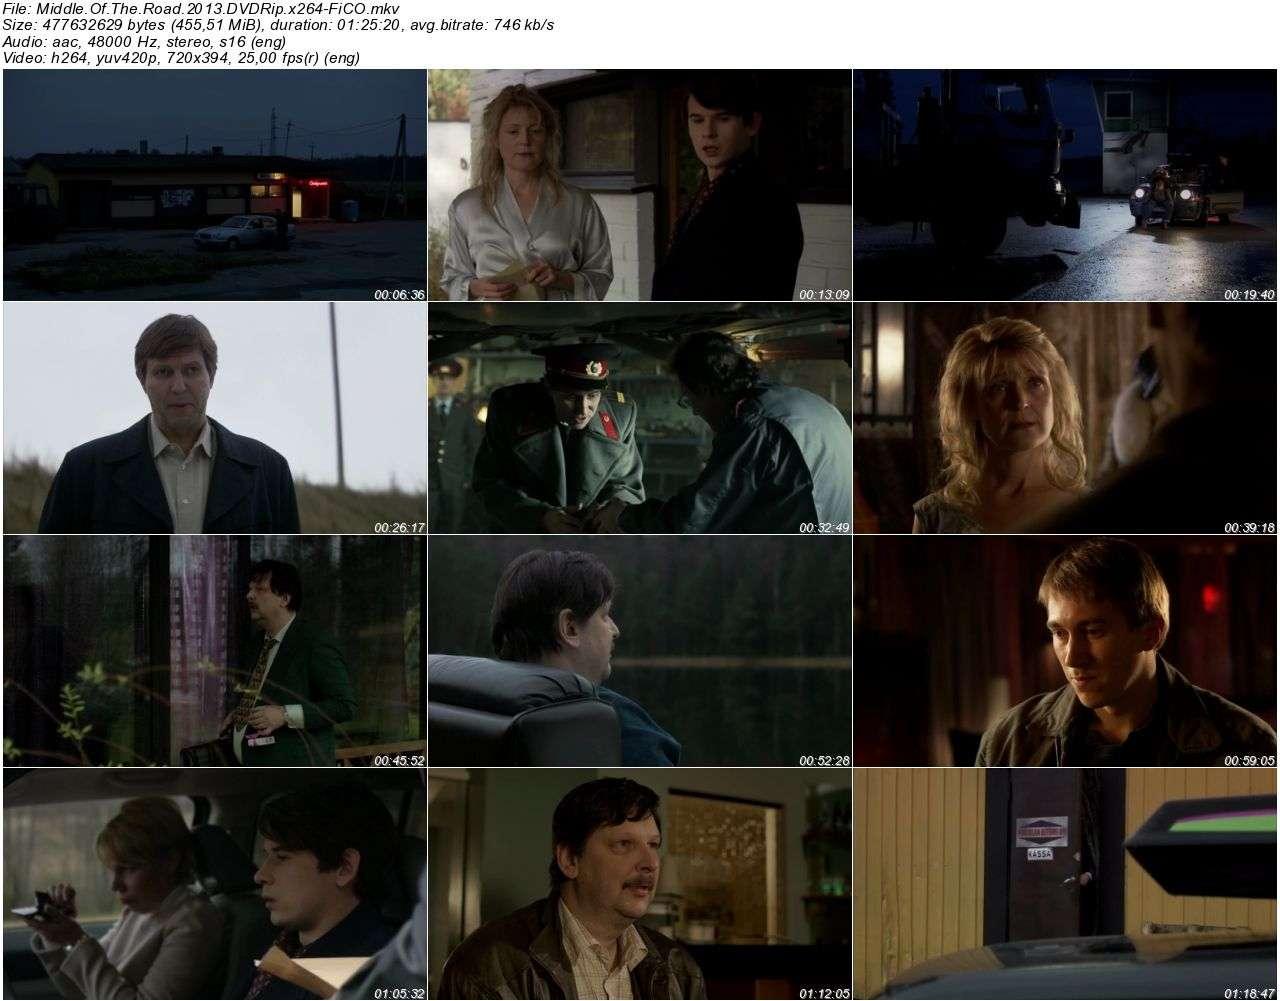 Middle Of The Road - 2013 DVDRip x264 - Türkçe Altyazılı Tek Link indir